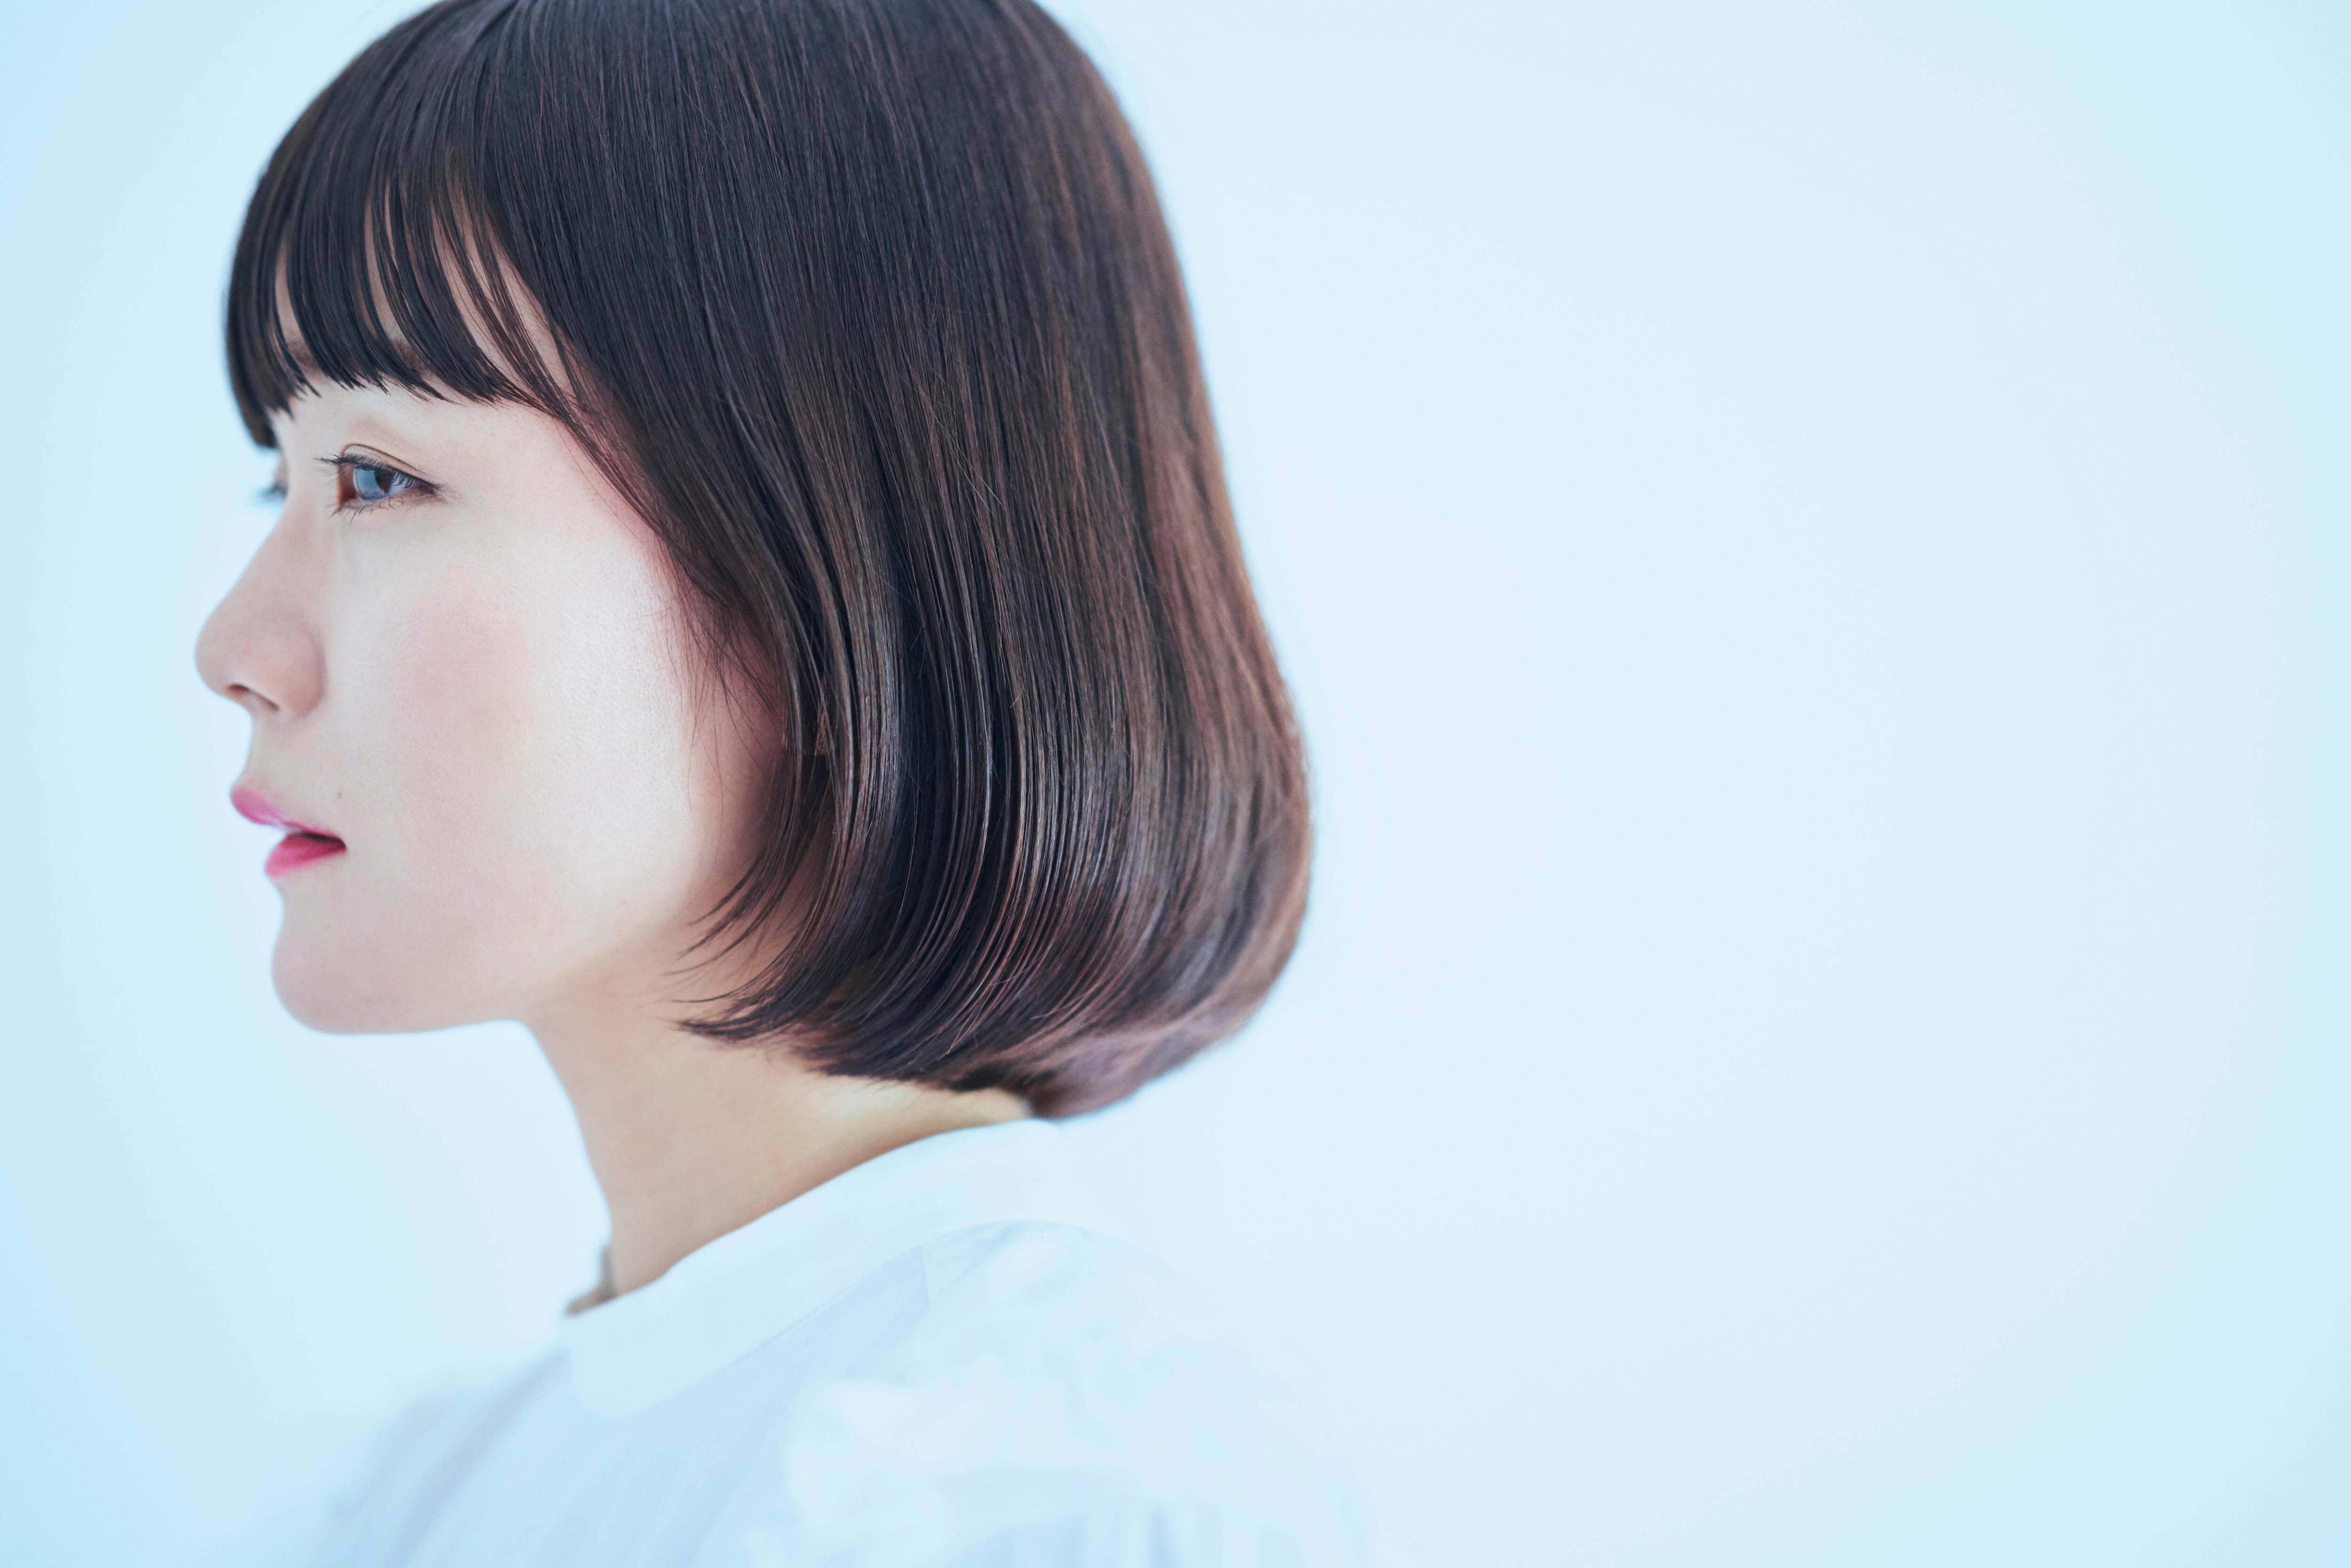 吉澤嘉代子、4thアルバム「女優姉妹」リリース決定!